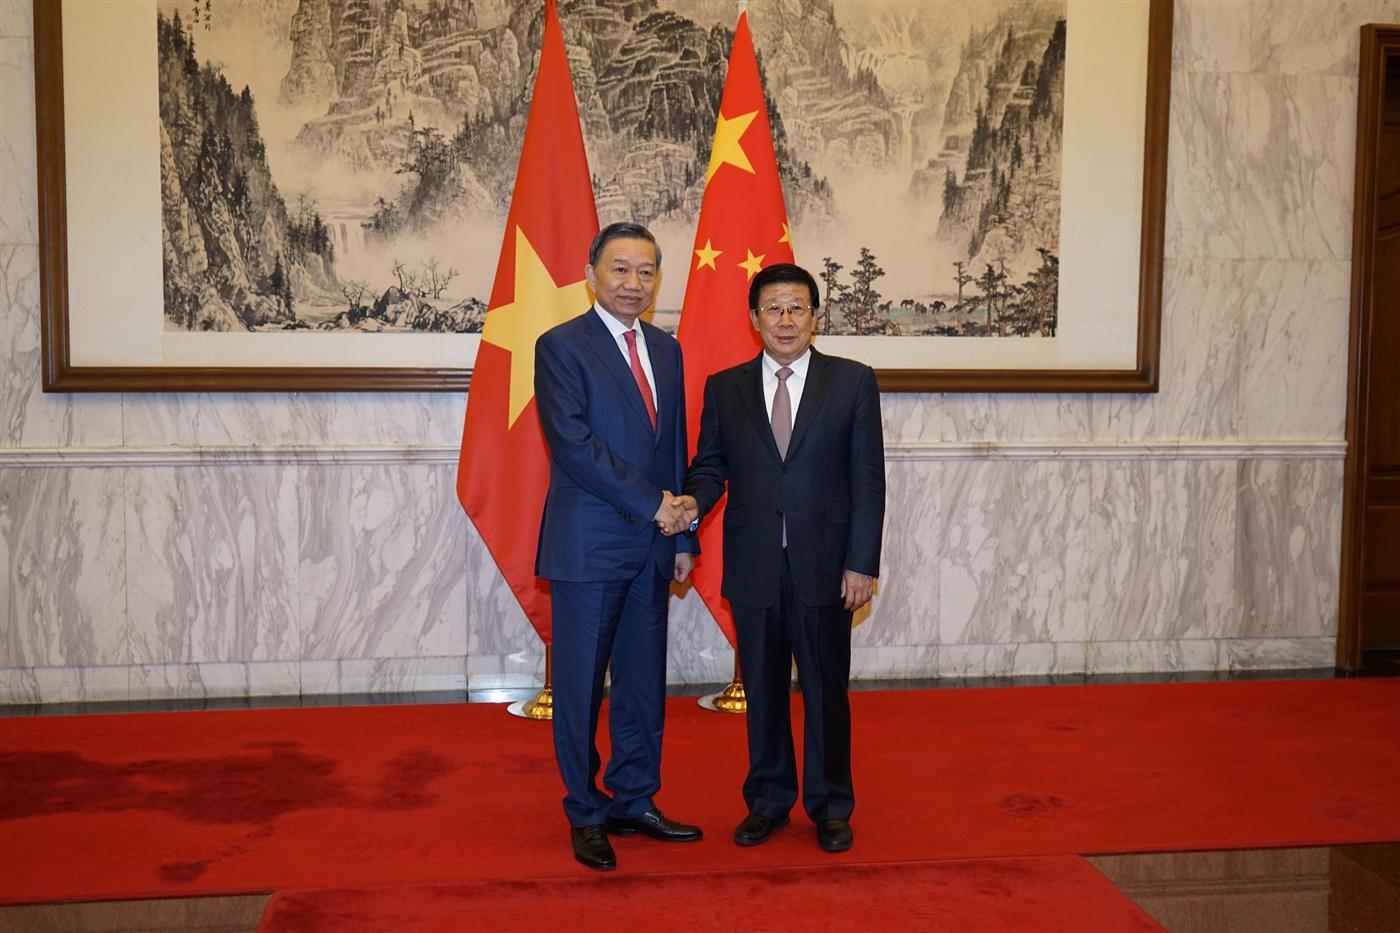 Việt Nam, Trung Quốc: Đẩy mạnh phối hợp đấu tranh phòng chống tội phạm